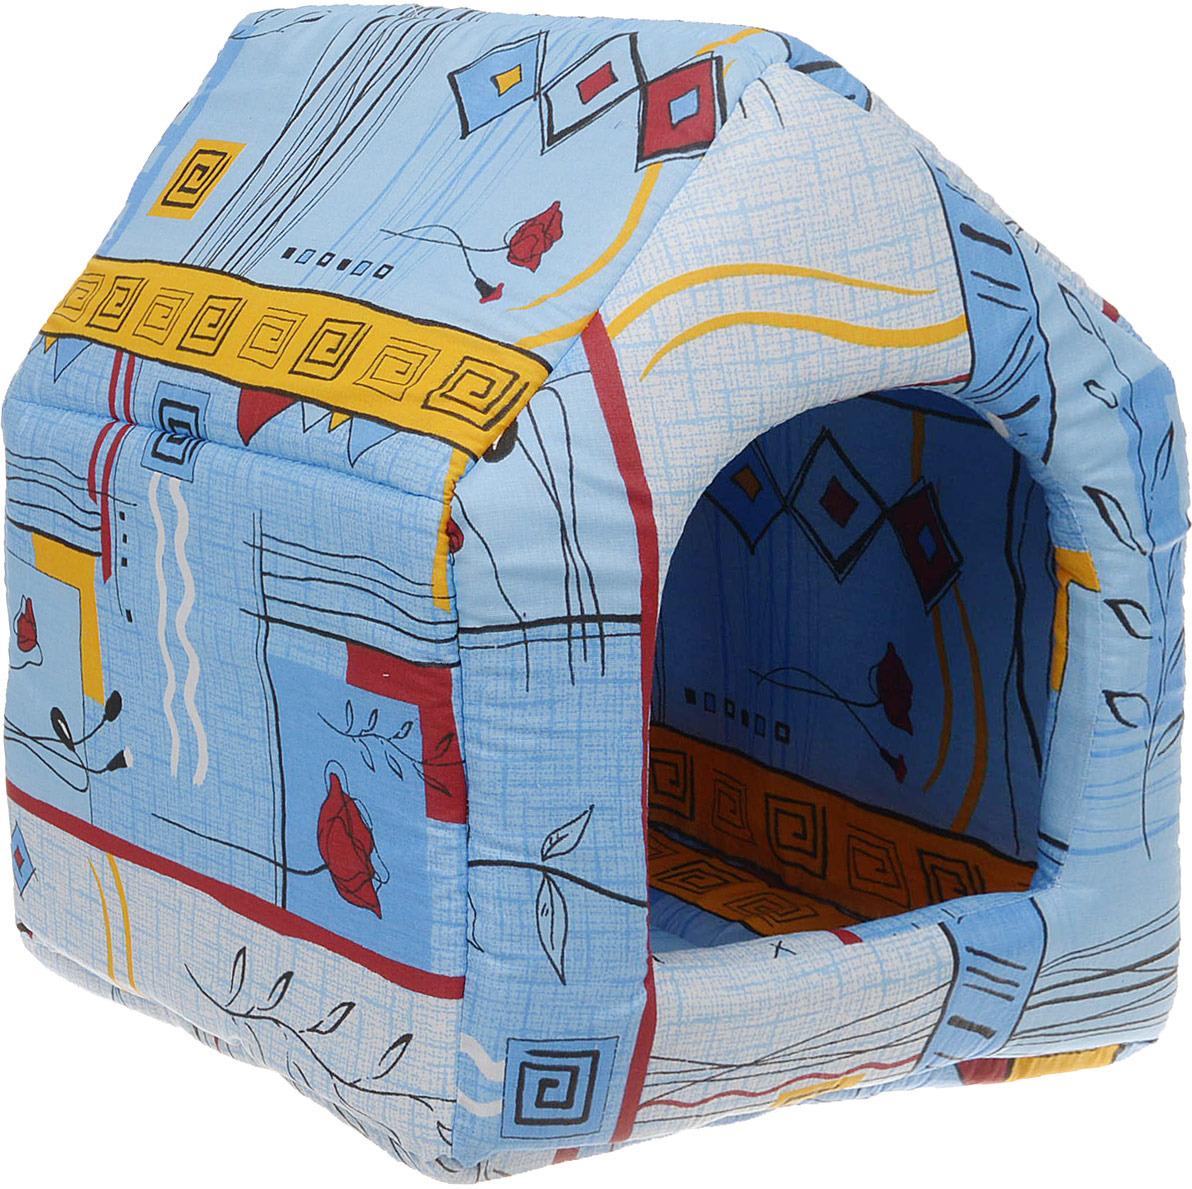 Лежак для животных ЗооМарк Домик-будка №2 Стамбул, ЛД-2СС, синий, 43 х 43 х 49 см лежанка дарэлл rp9701 домик будка n1 37 37 37 бязь